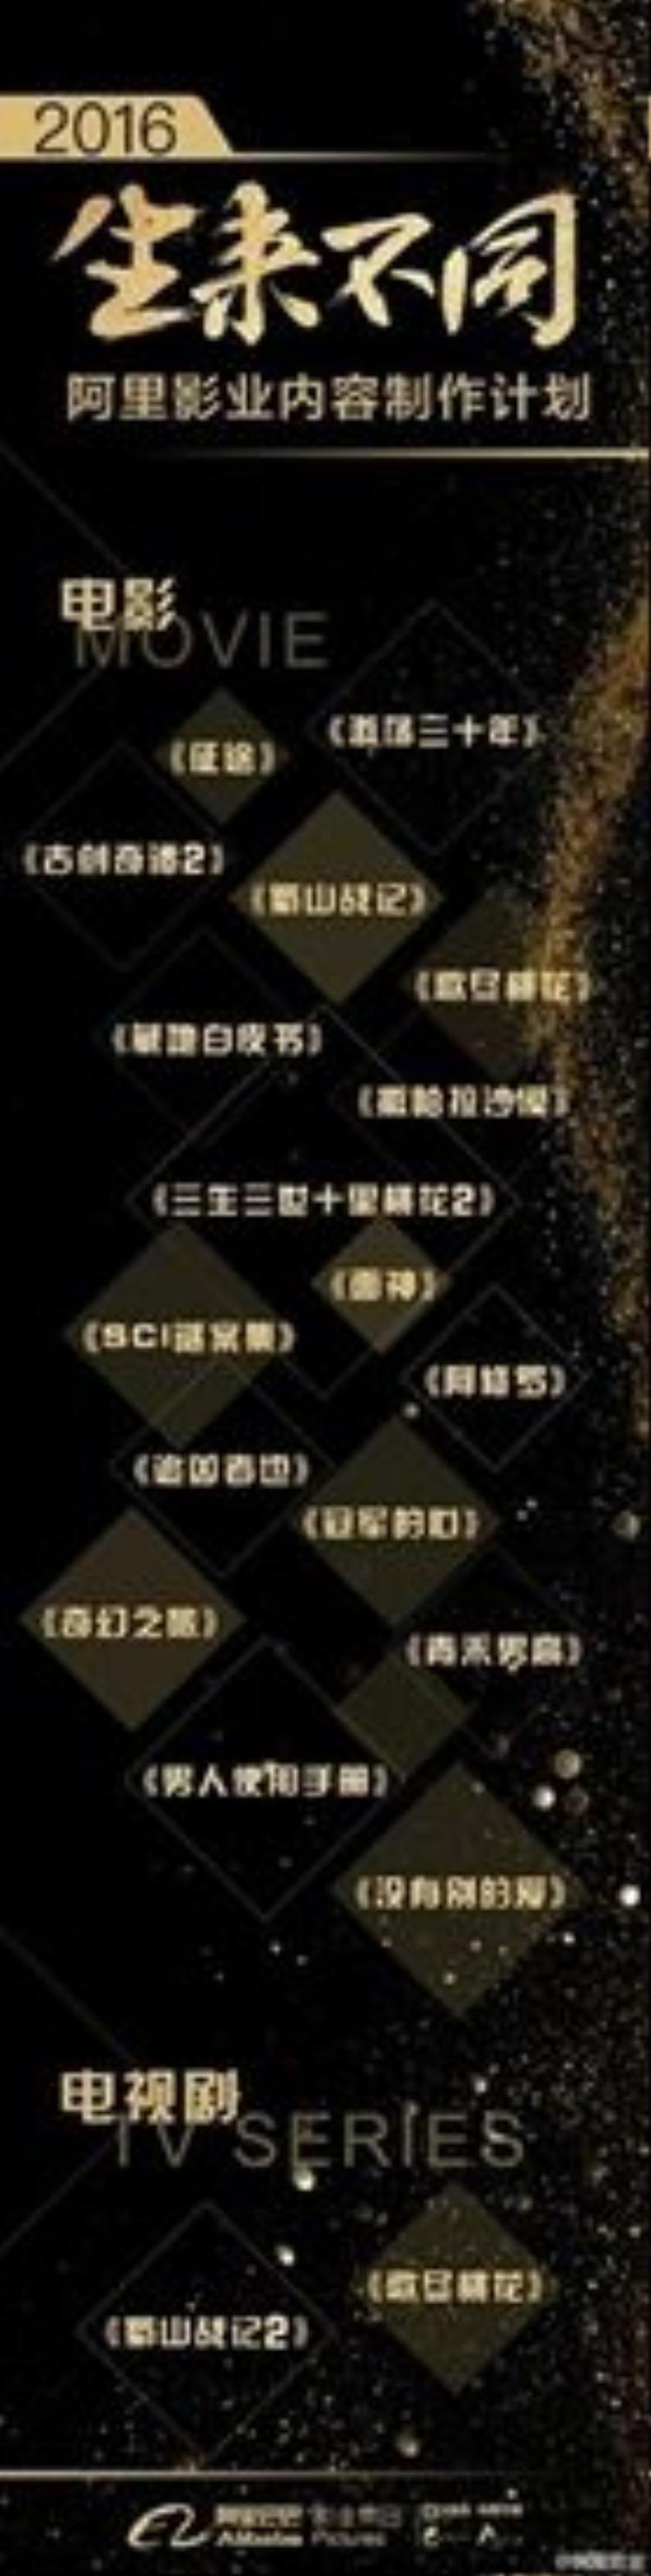 Cùng nằm trong danh sách những bộ phim mới của Alibaba còn có những tác phẩm nổi bật khác như Tam sinh tam thế - Thập lý đào hoa 2, Cổ kiếm kỳ đàm 2, Ca tẫn đào hoa, Thục sơn chiến kỷ 2…